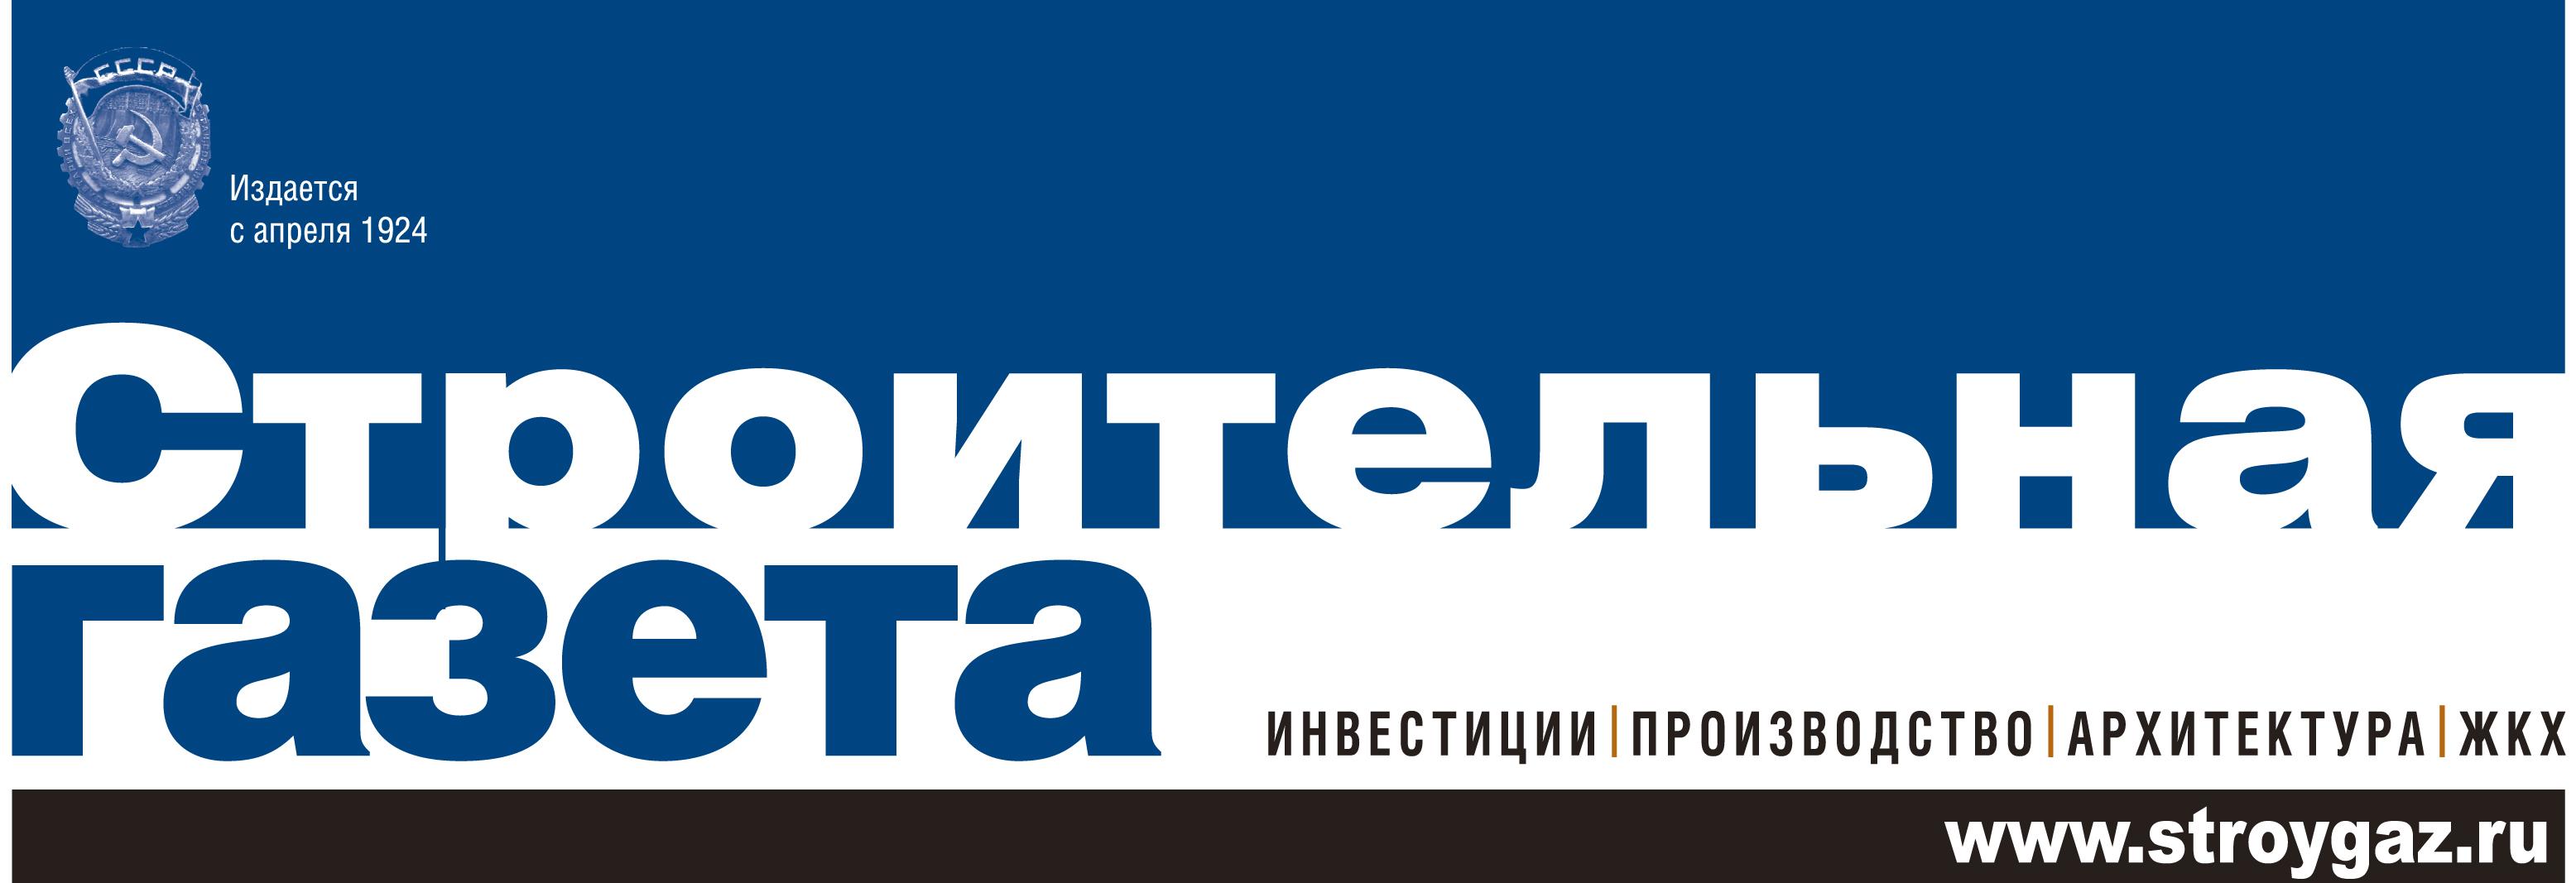 logo_kommersant.jpg